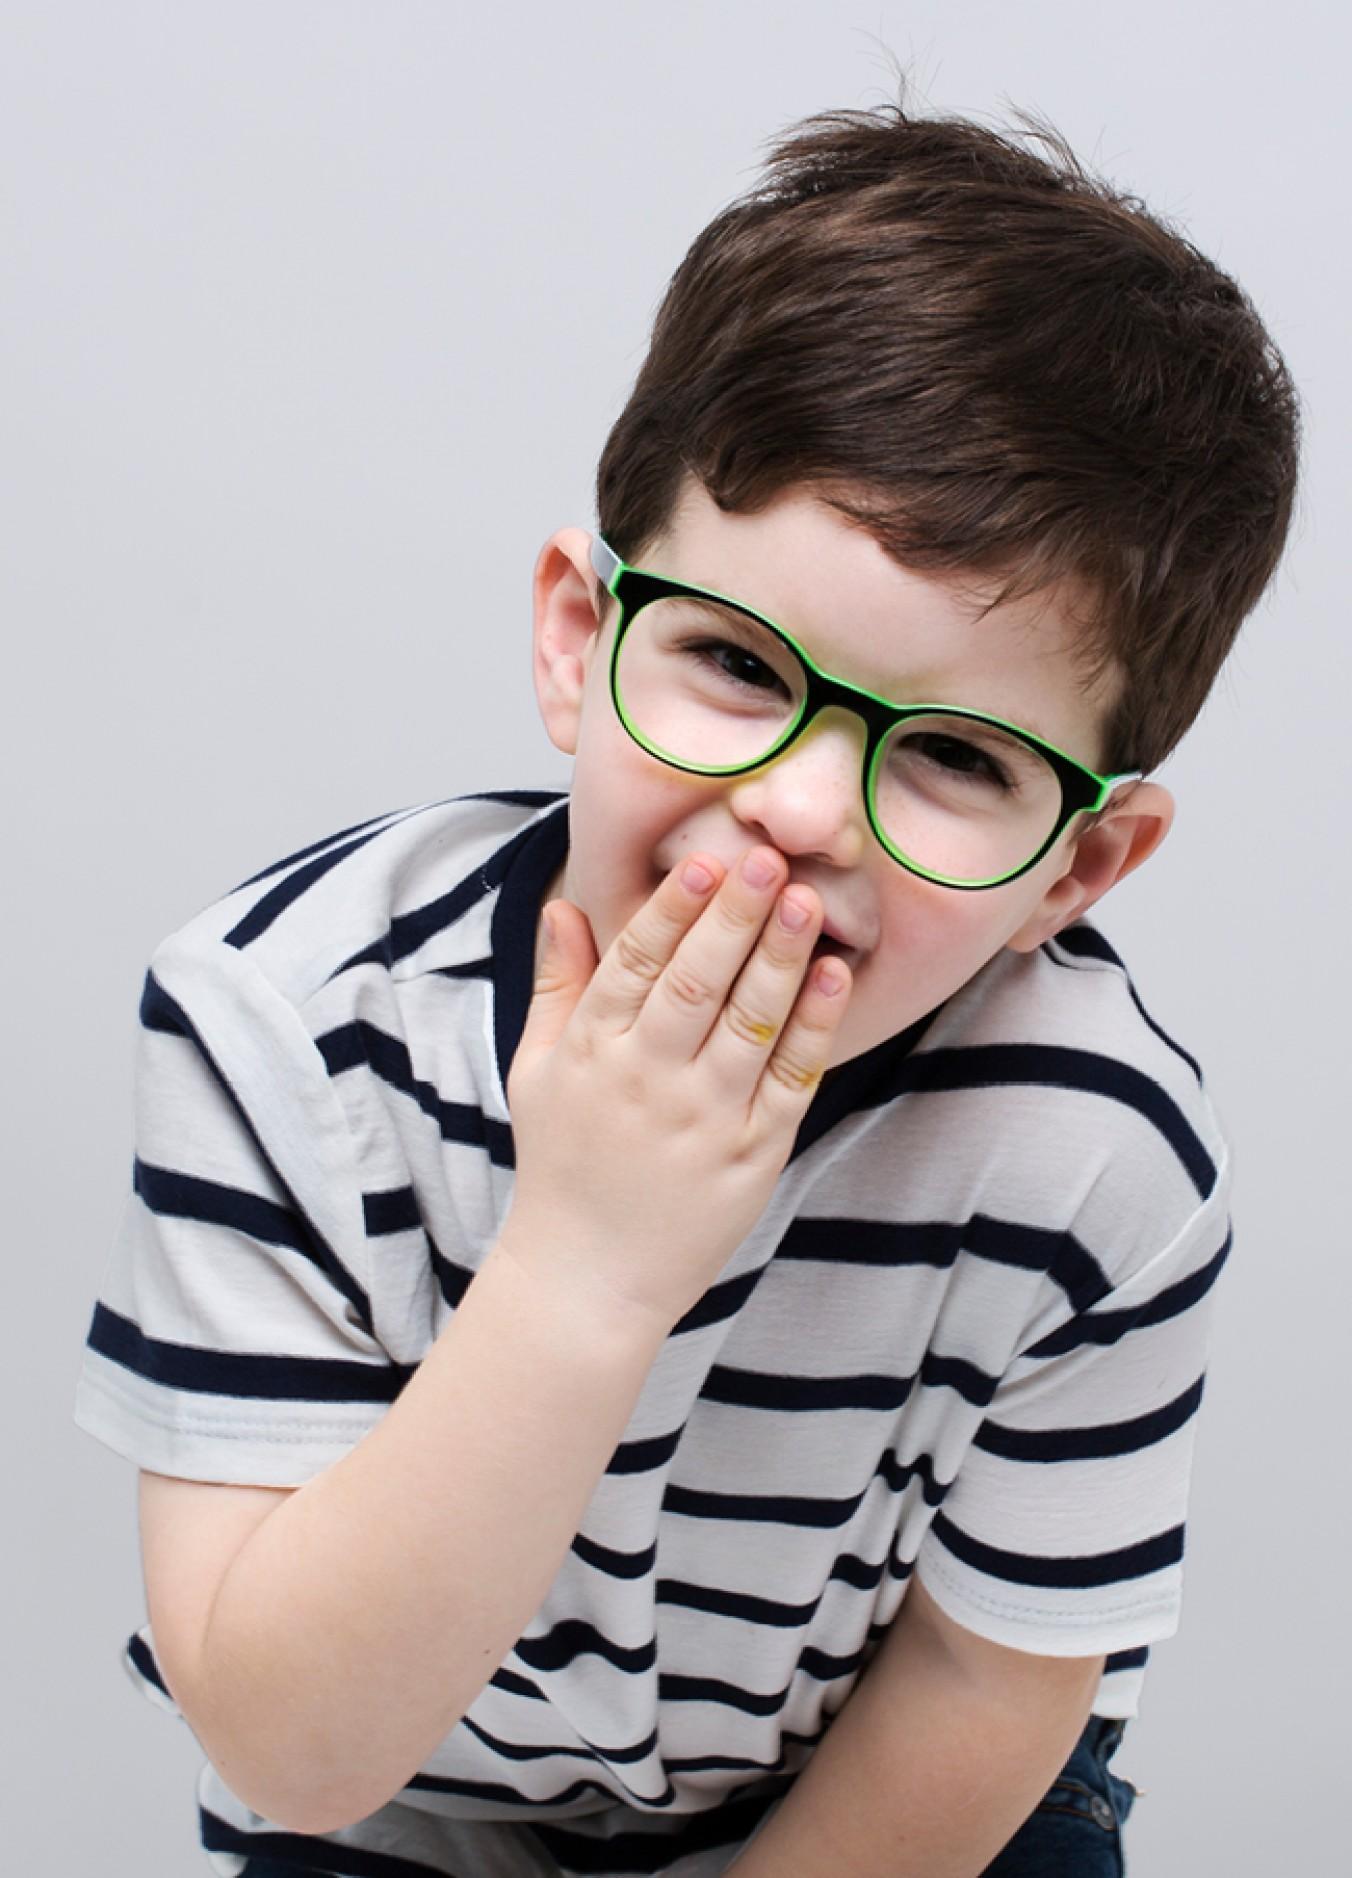 משקפי ראייה לילדים